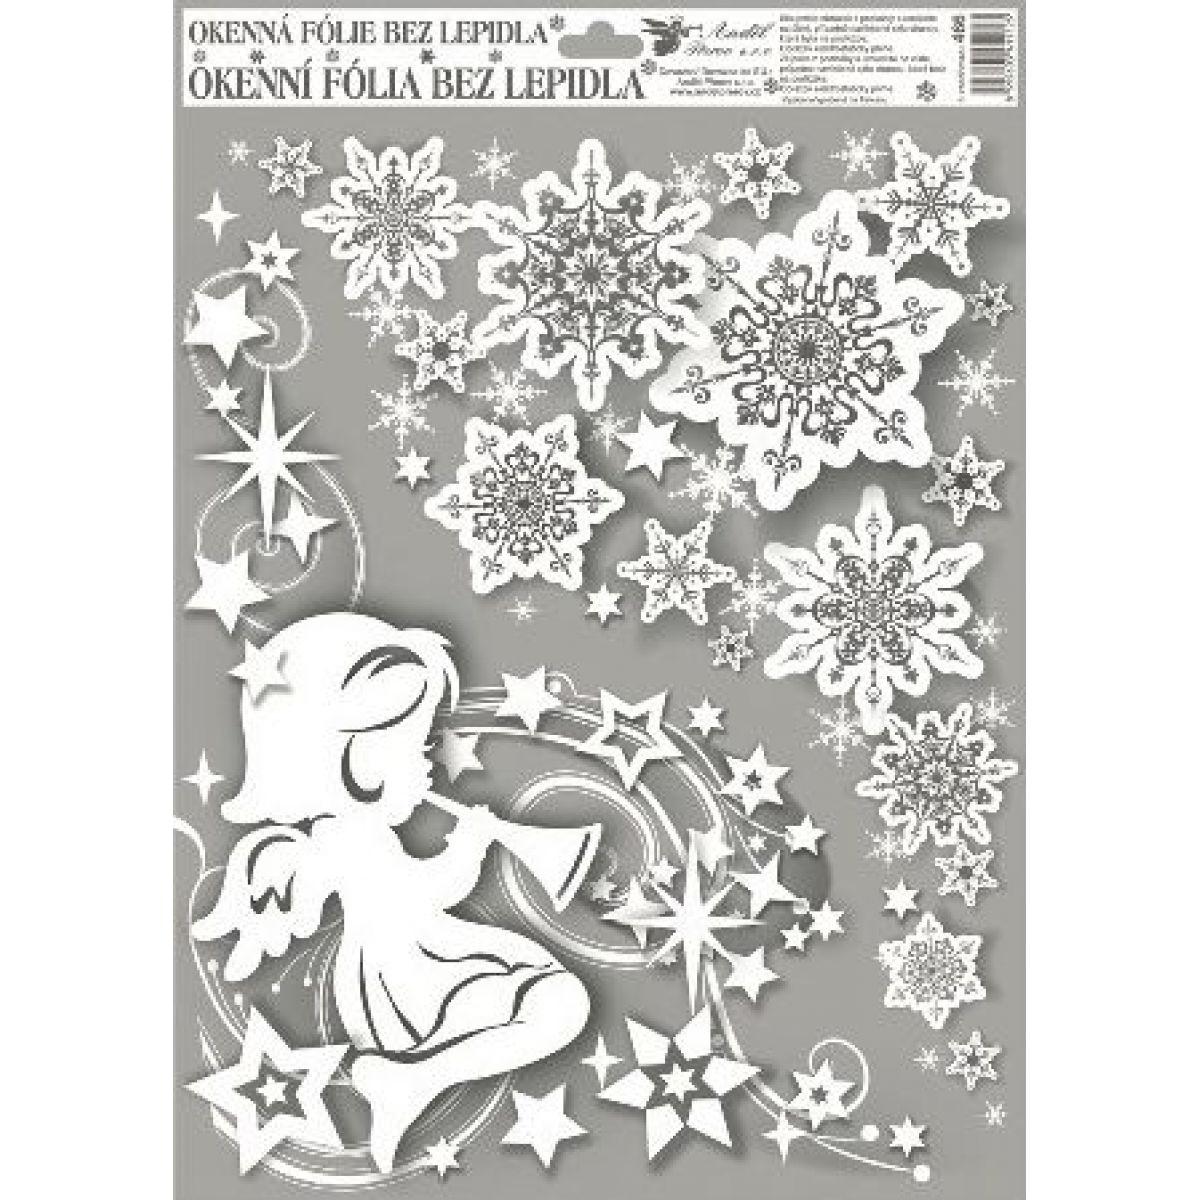 Okenné fólie rohová anjelici s dúhovými glitrami 38 x 30 cm Silueta anjelika vľavo